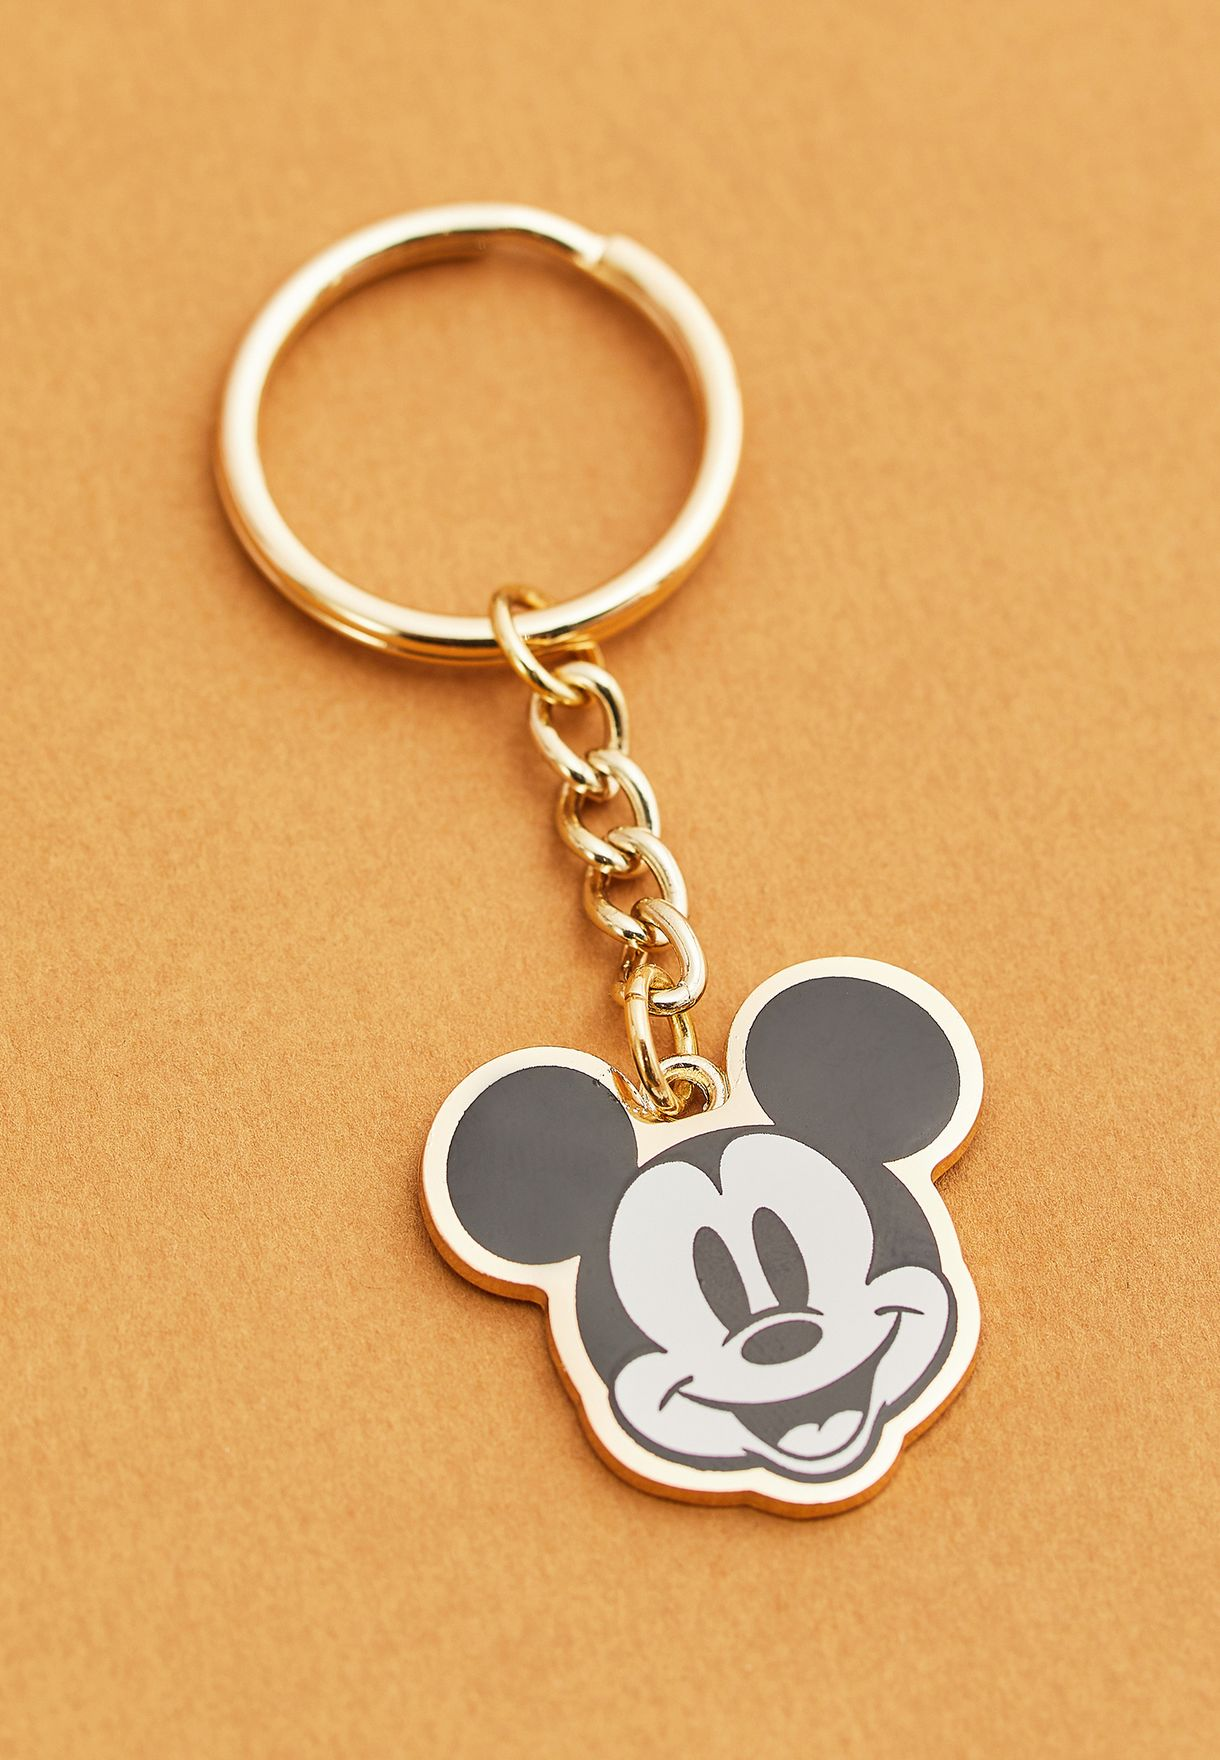 حلقة مفاتيح ميكي ماوس